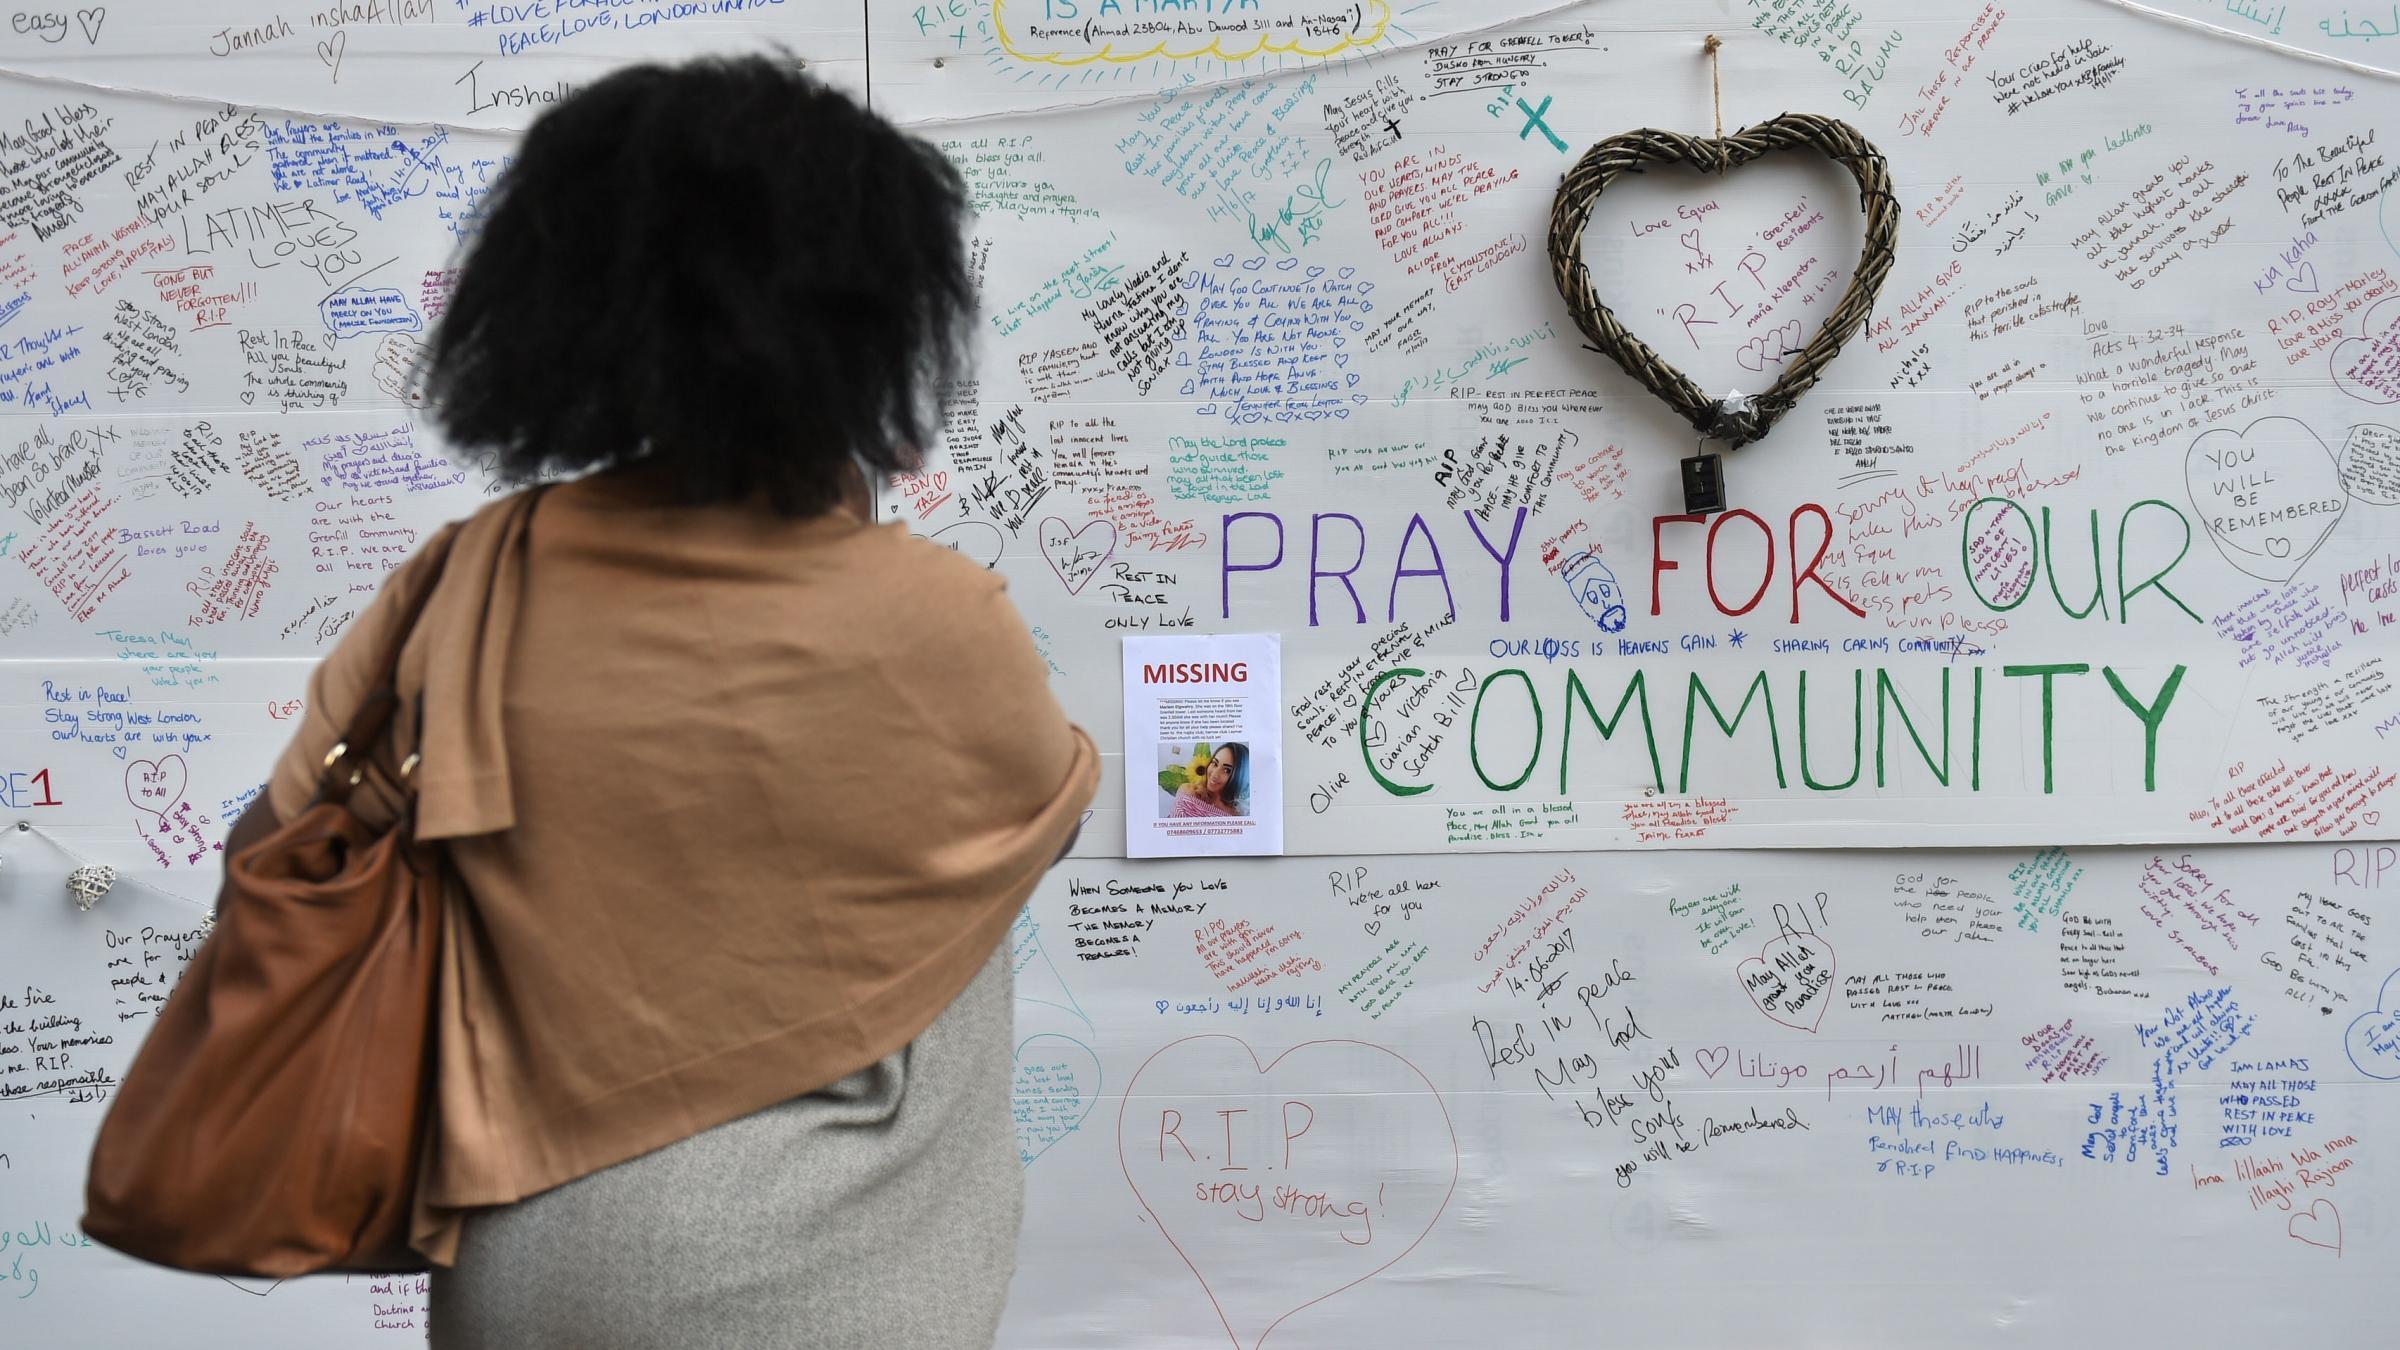 London mayor at church near London fire tragedy